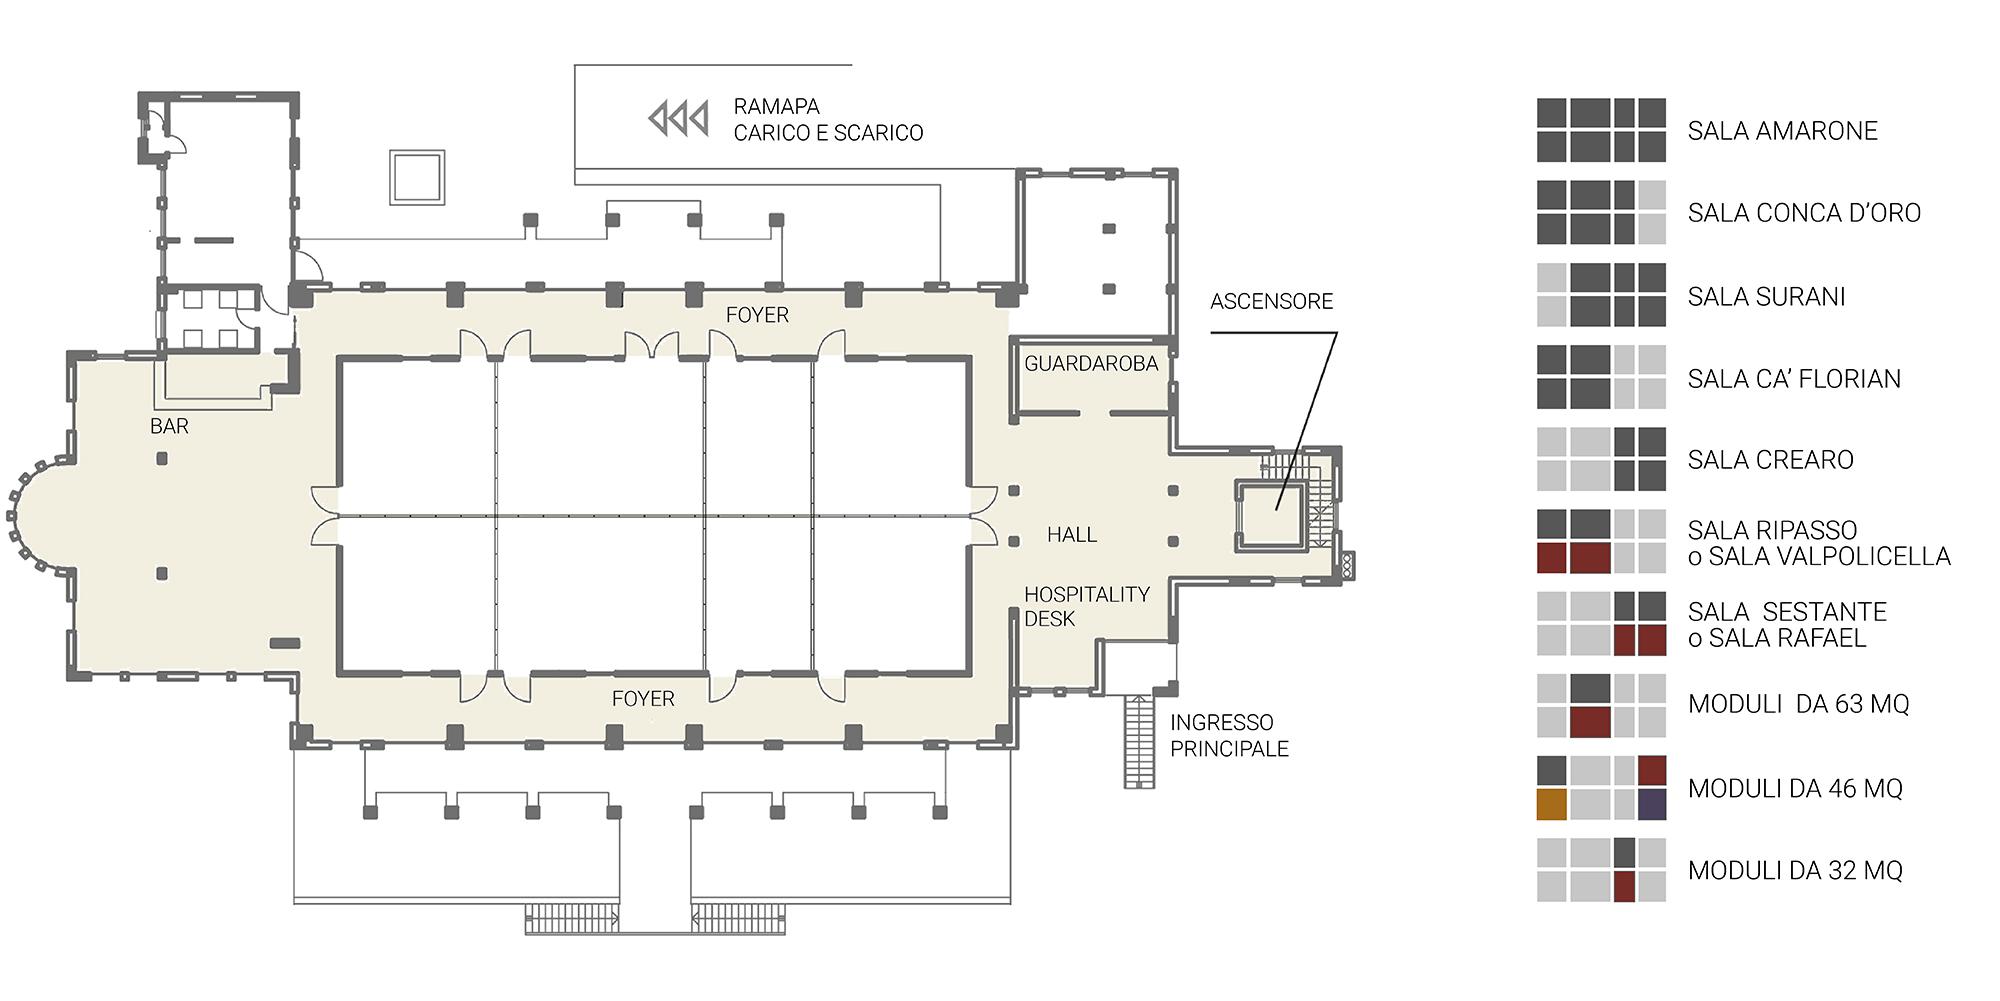 Sale Centro Congressi